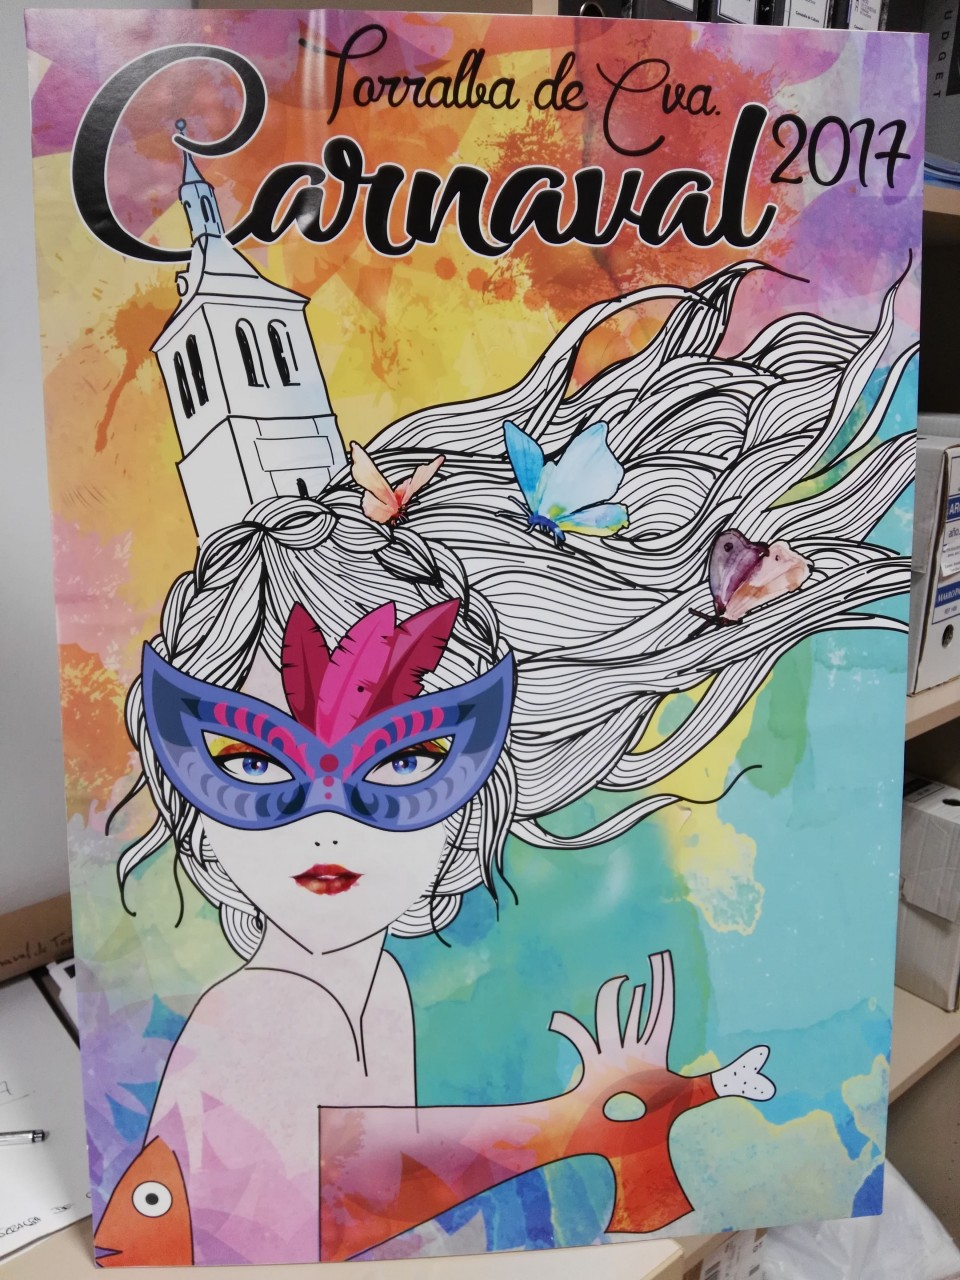 Elegido el cartel ganador del carnaval de Torralba de Calatrava